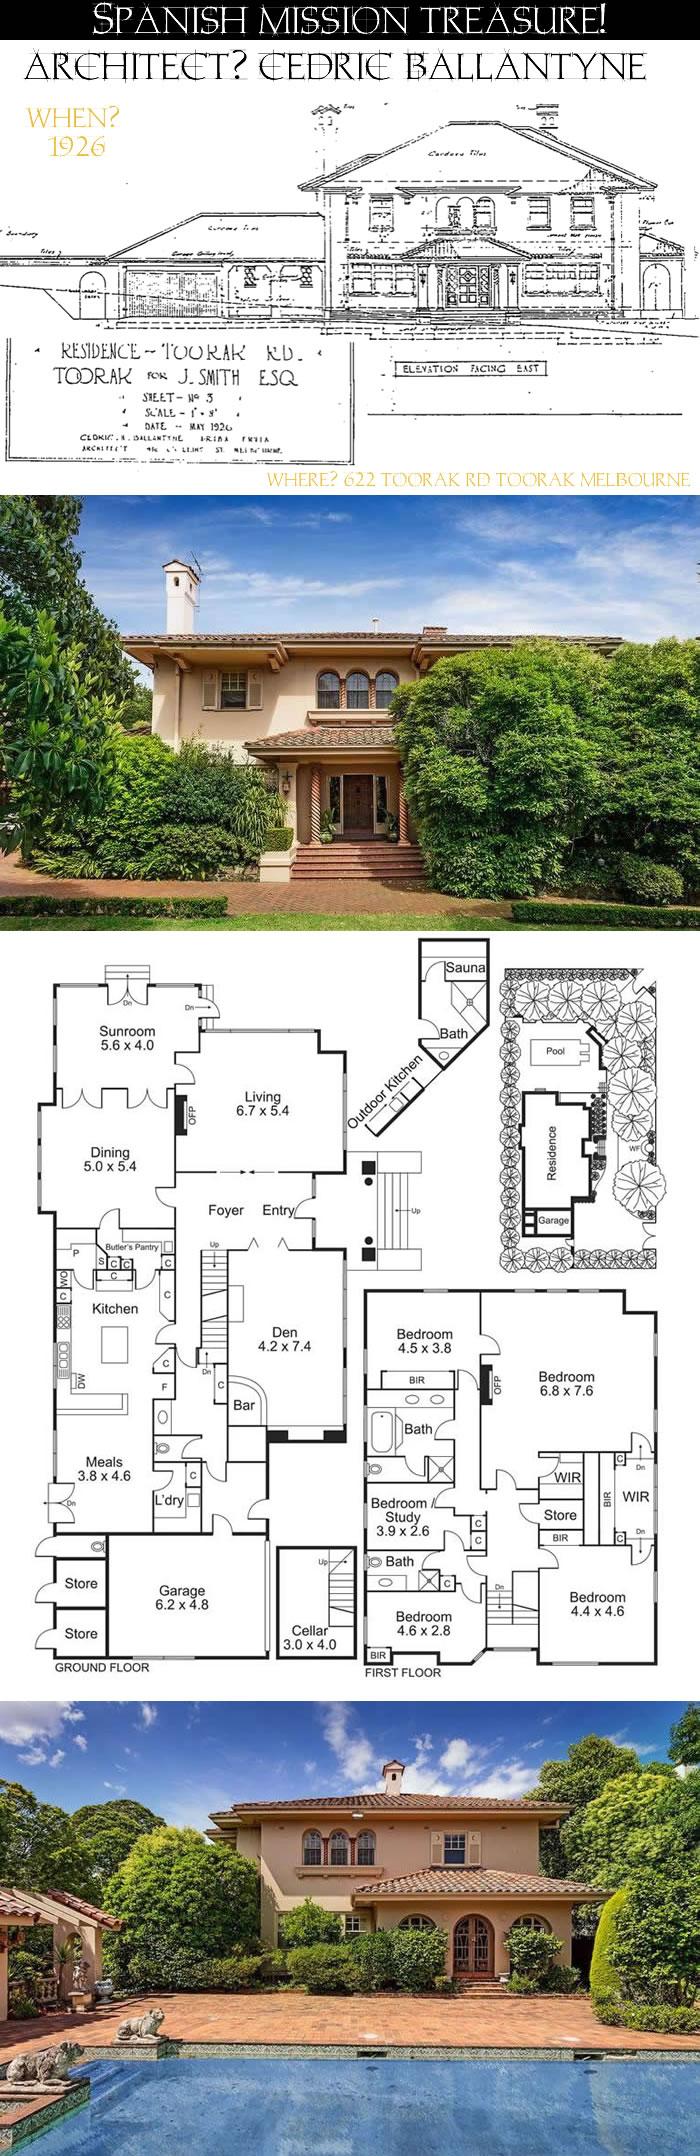 spanish mission revival architecture 622 toorak rd toorak